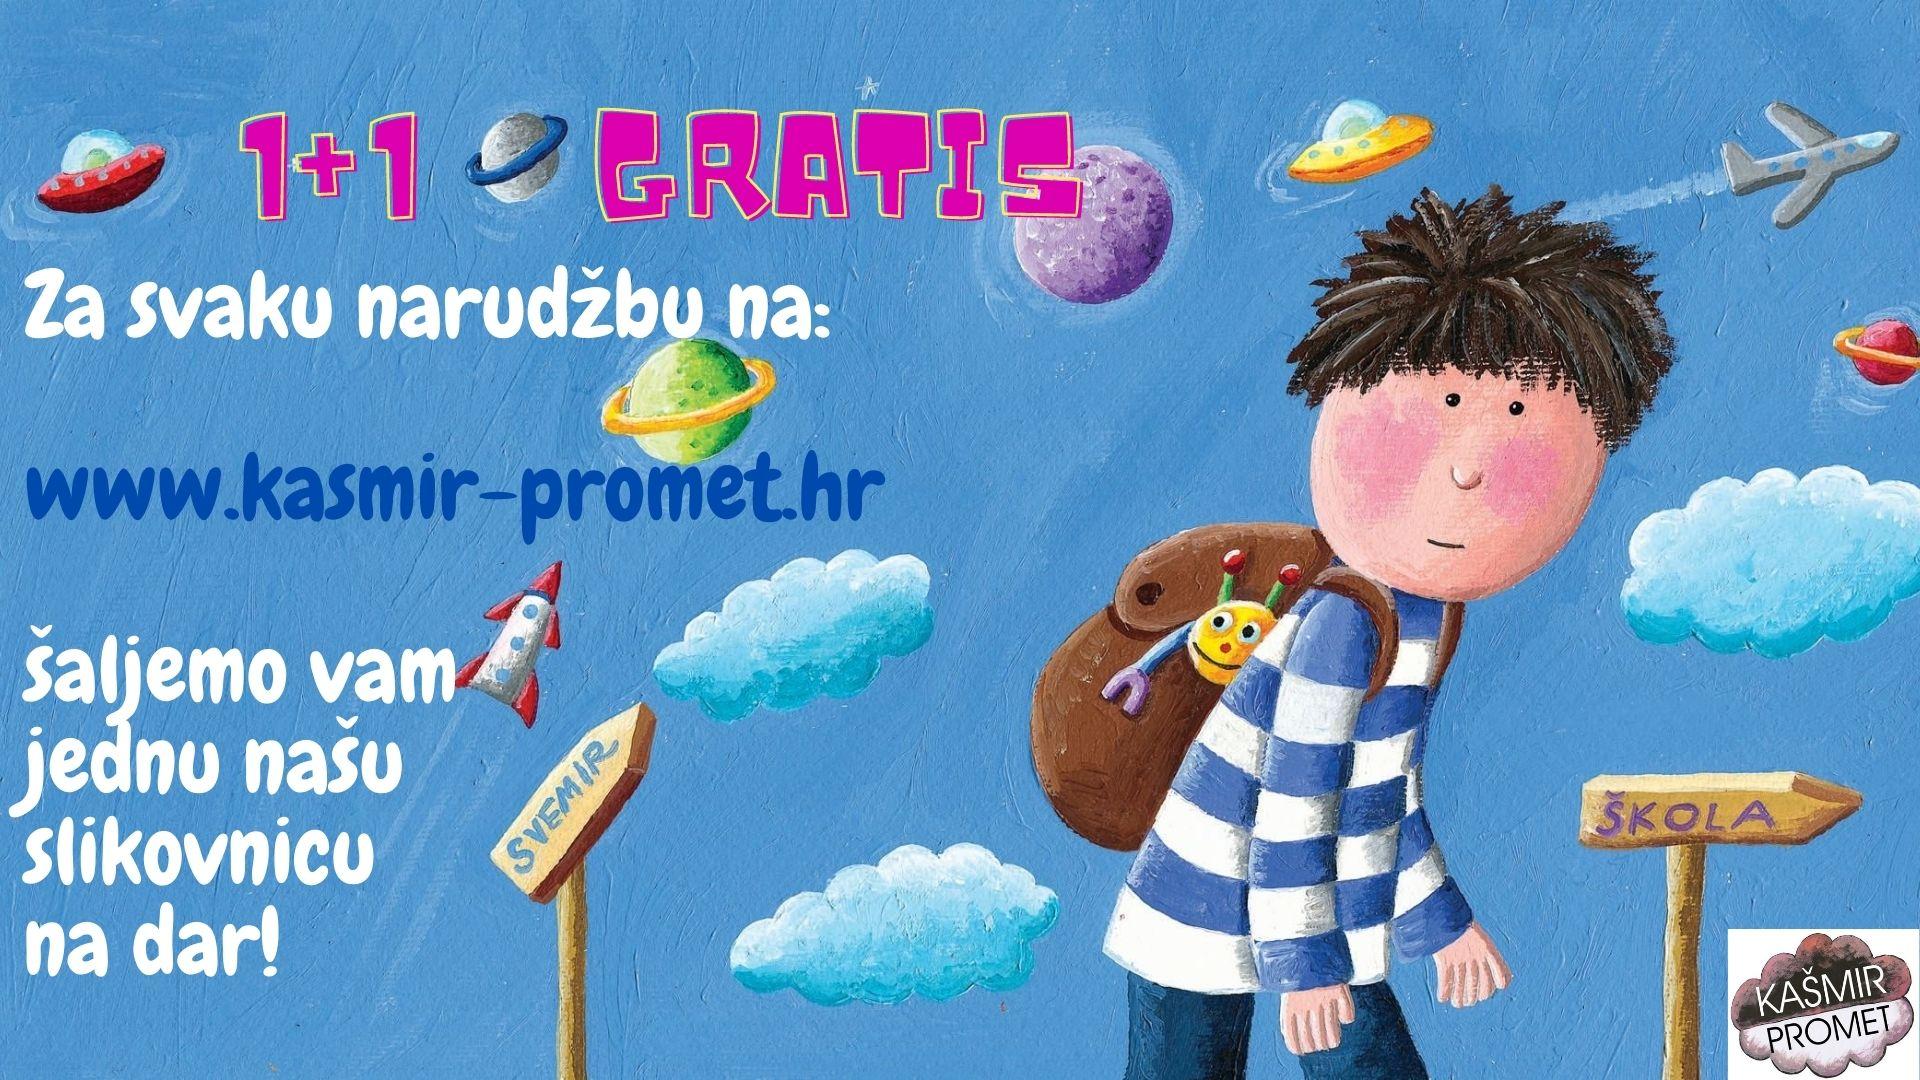 Knjige i slikovnice za djecu